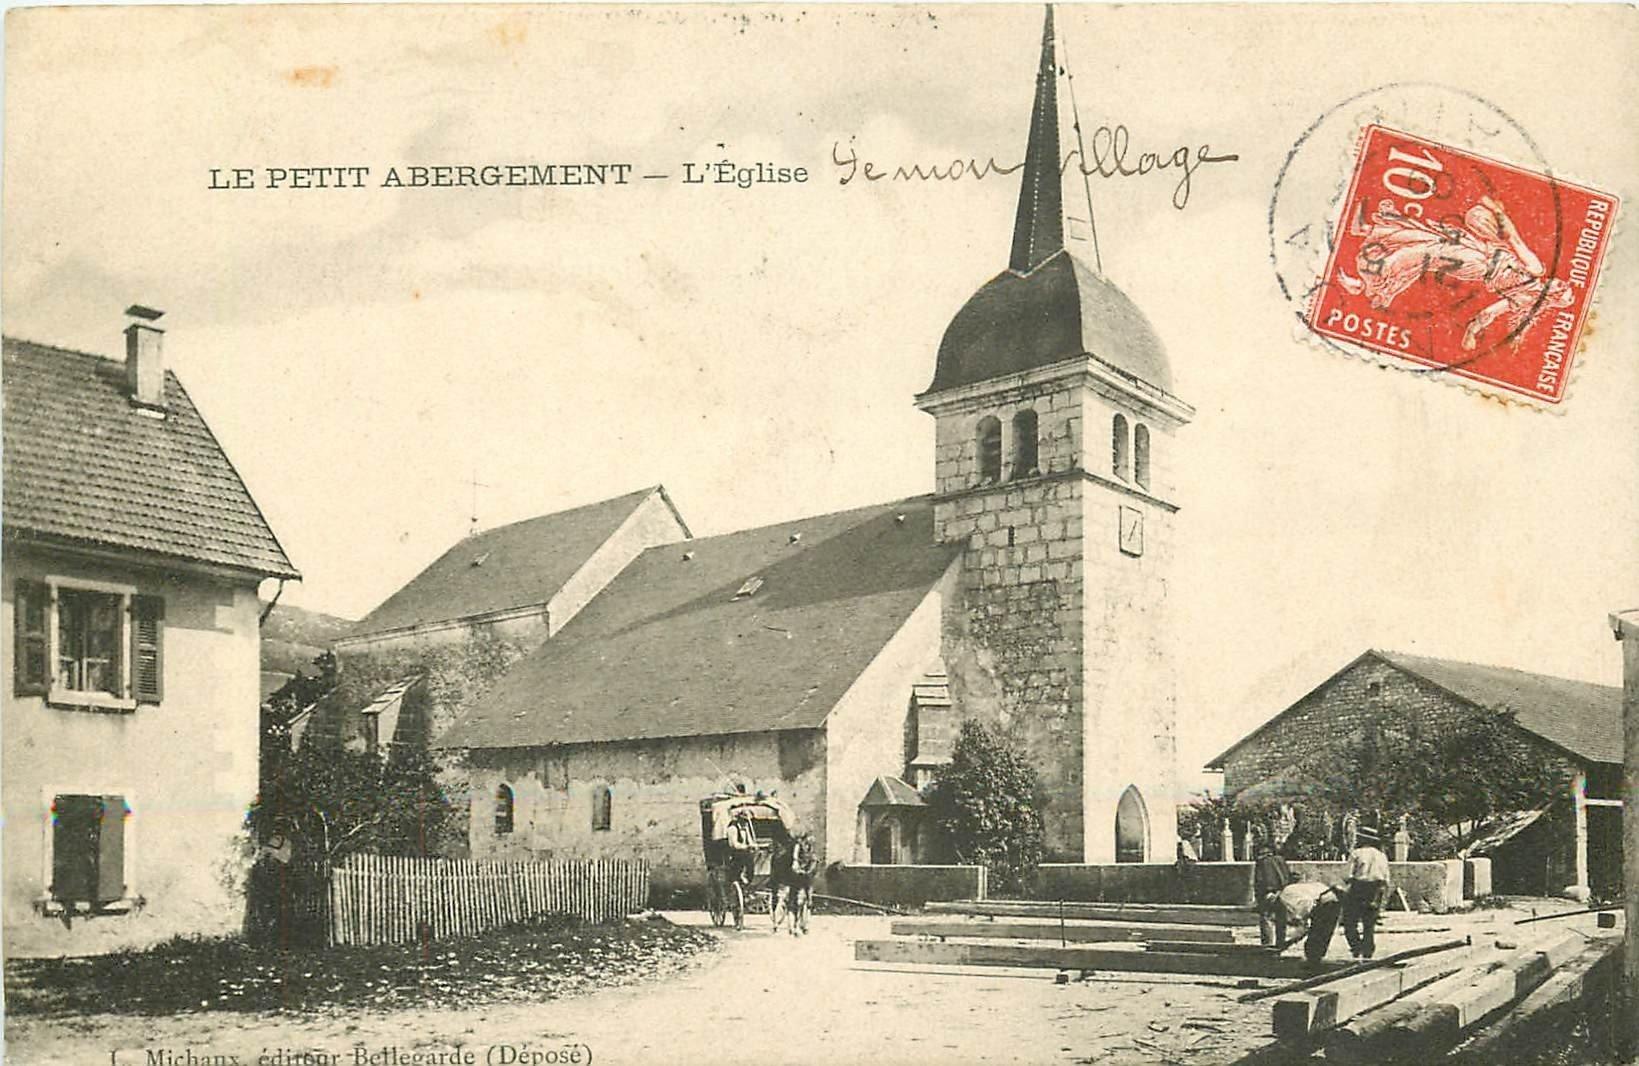 01 LE PETIT ABERGEMENT. Ouvriers et attelage devant l'Eglise 1909